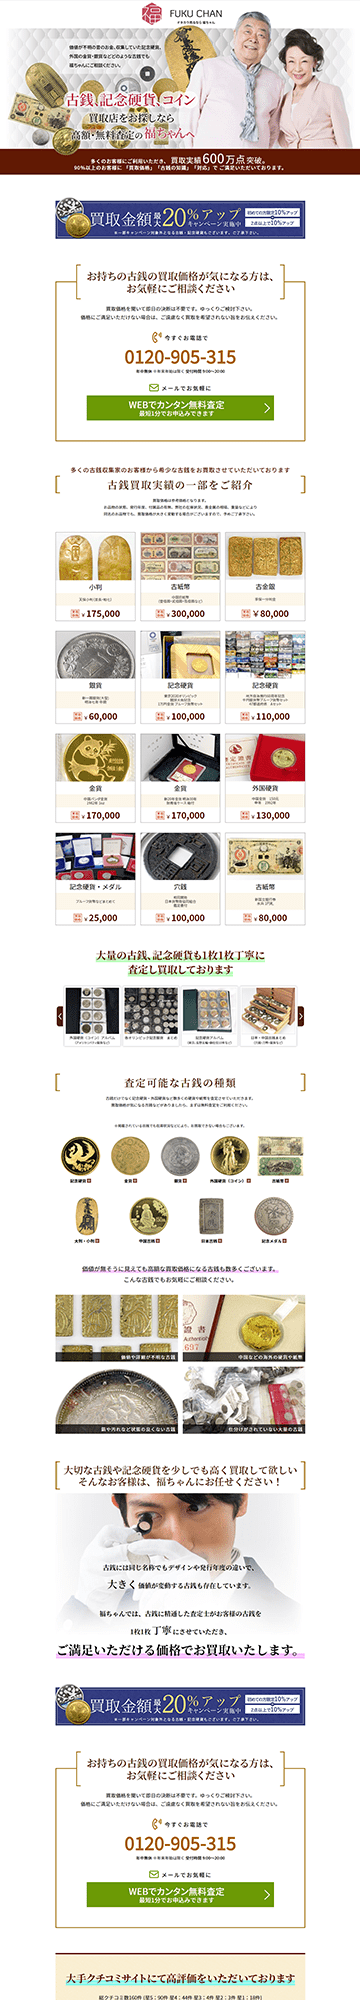 古銭買い取り福ちゃんの神奈川県での評判